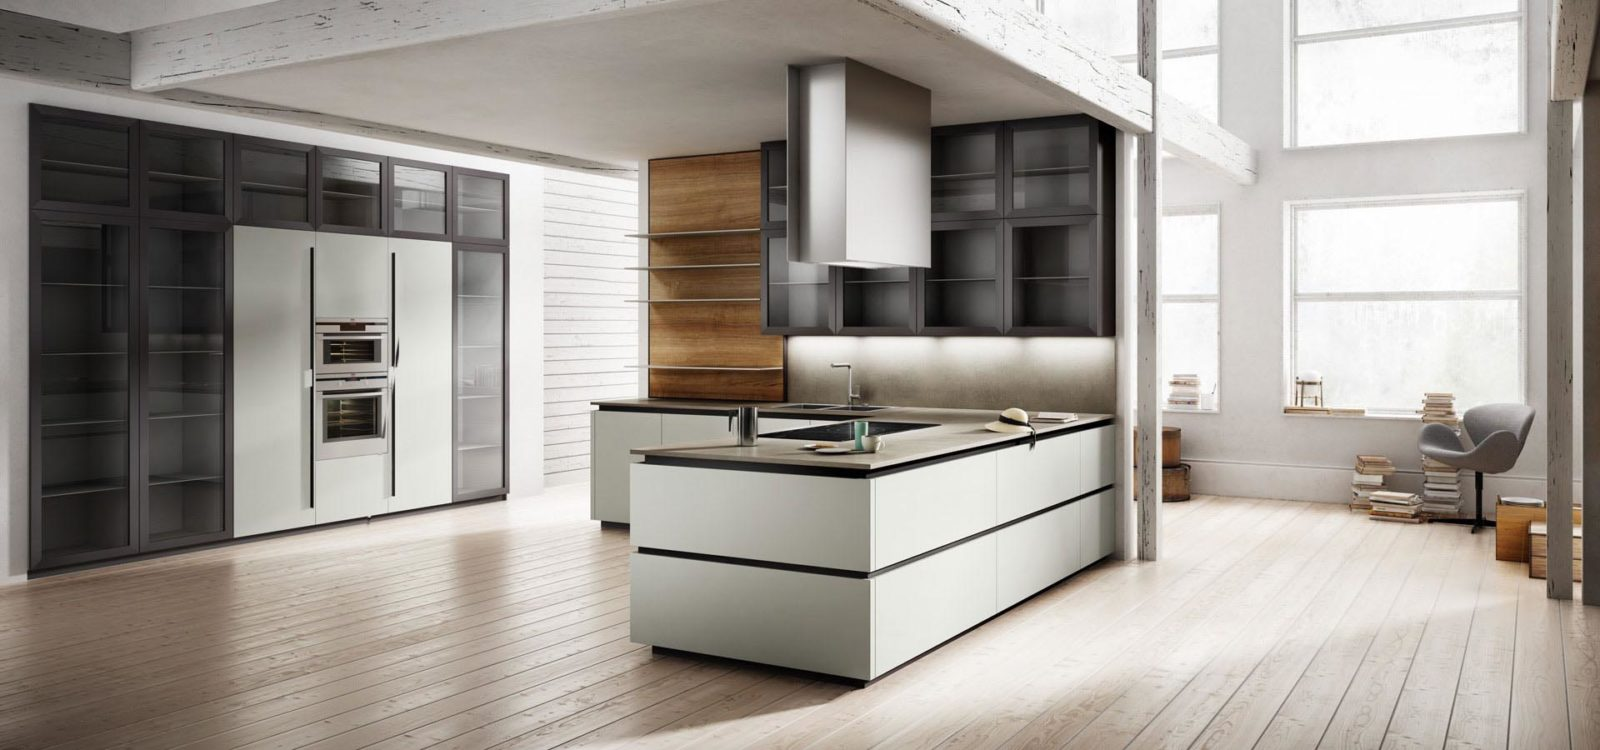 Vendita cucine moderne a padova - Design cucine moderne ...